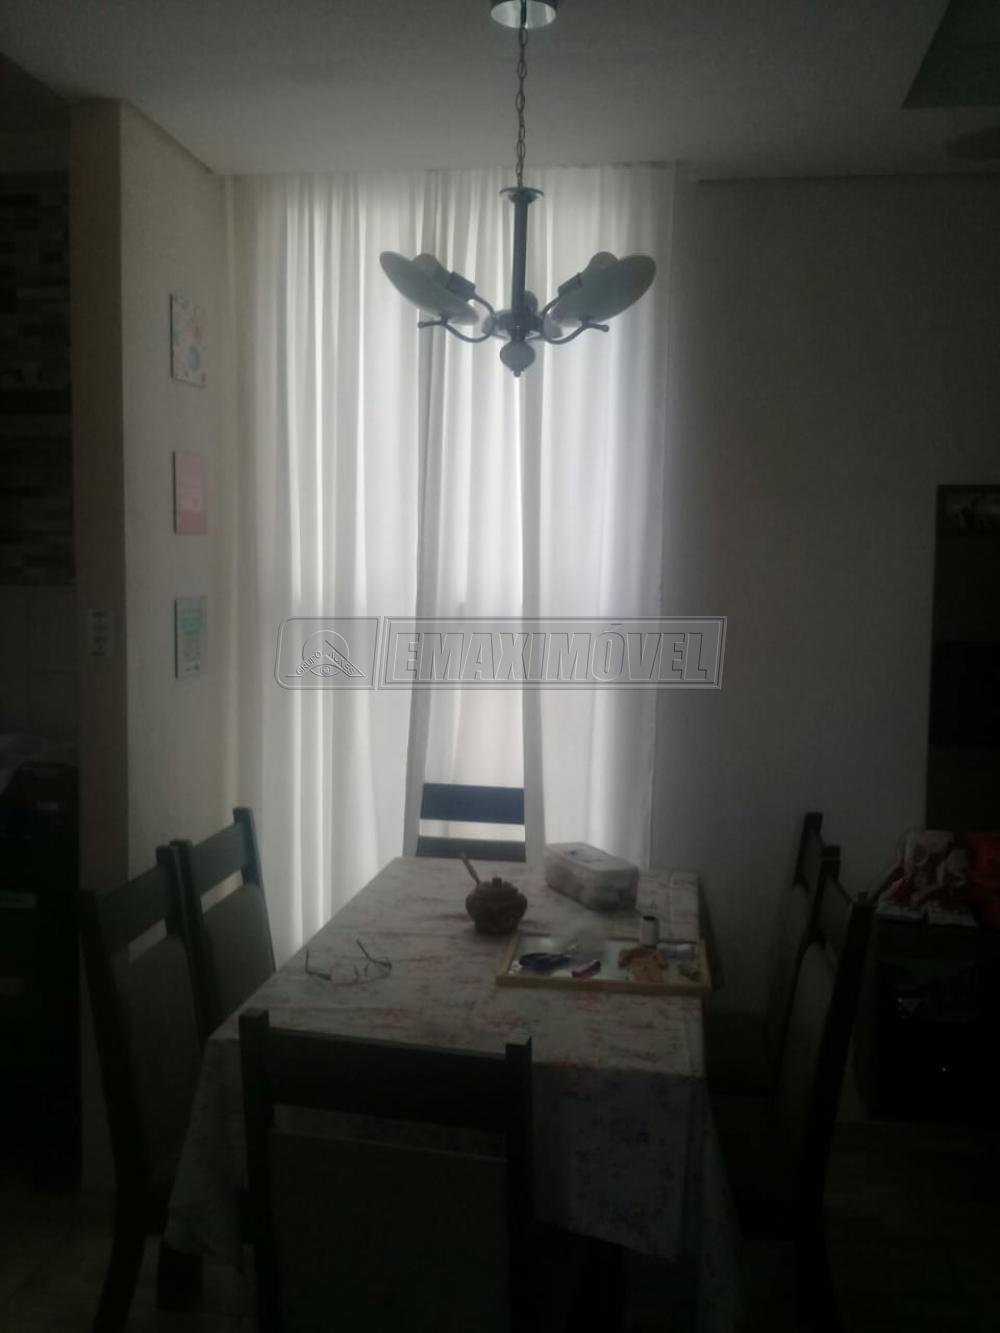 Comprar Apartamentos / Apto Padrão em Sorocaba apenas R$ 160.000,00 - Foto 4